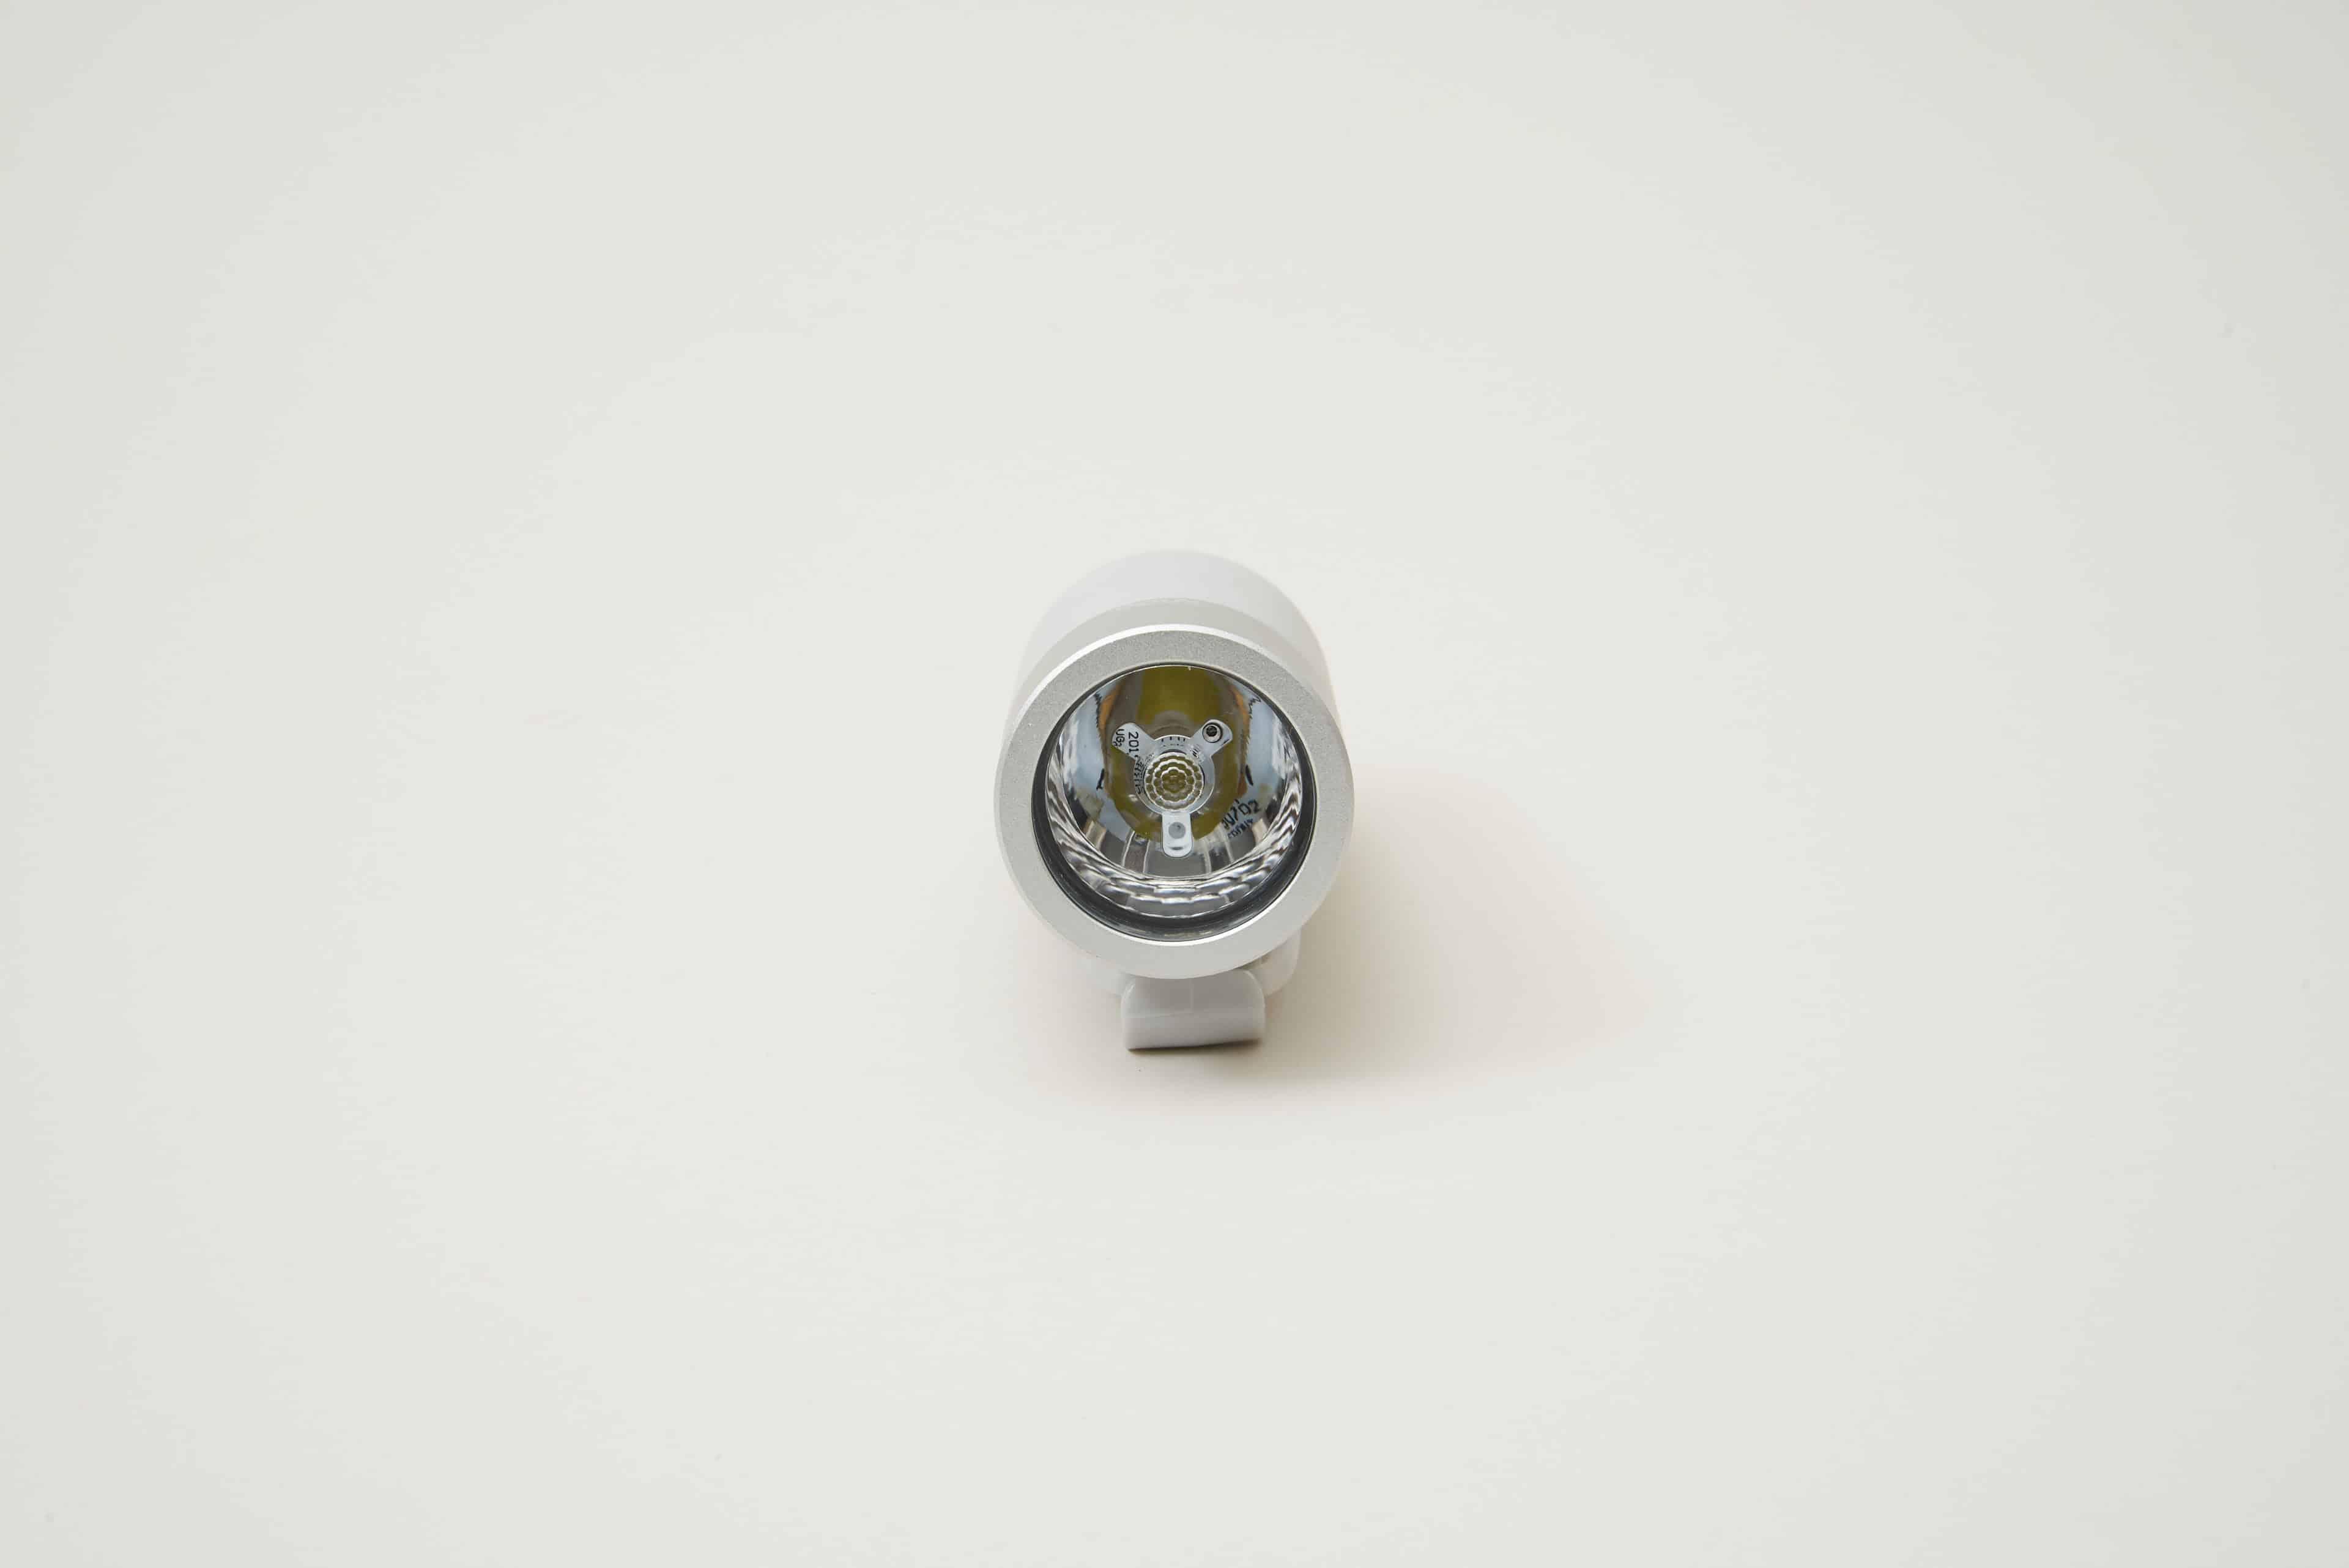 tokyobike knog plug